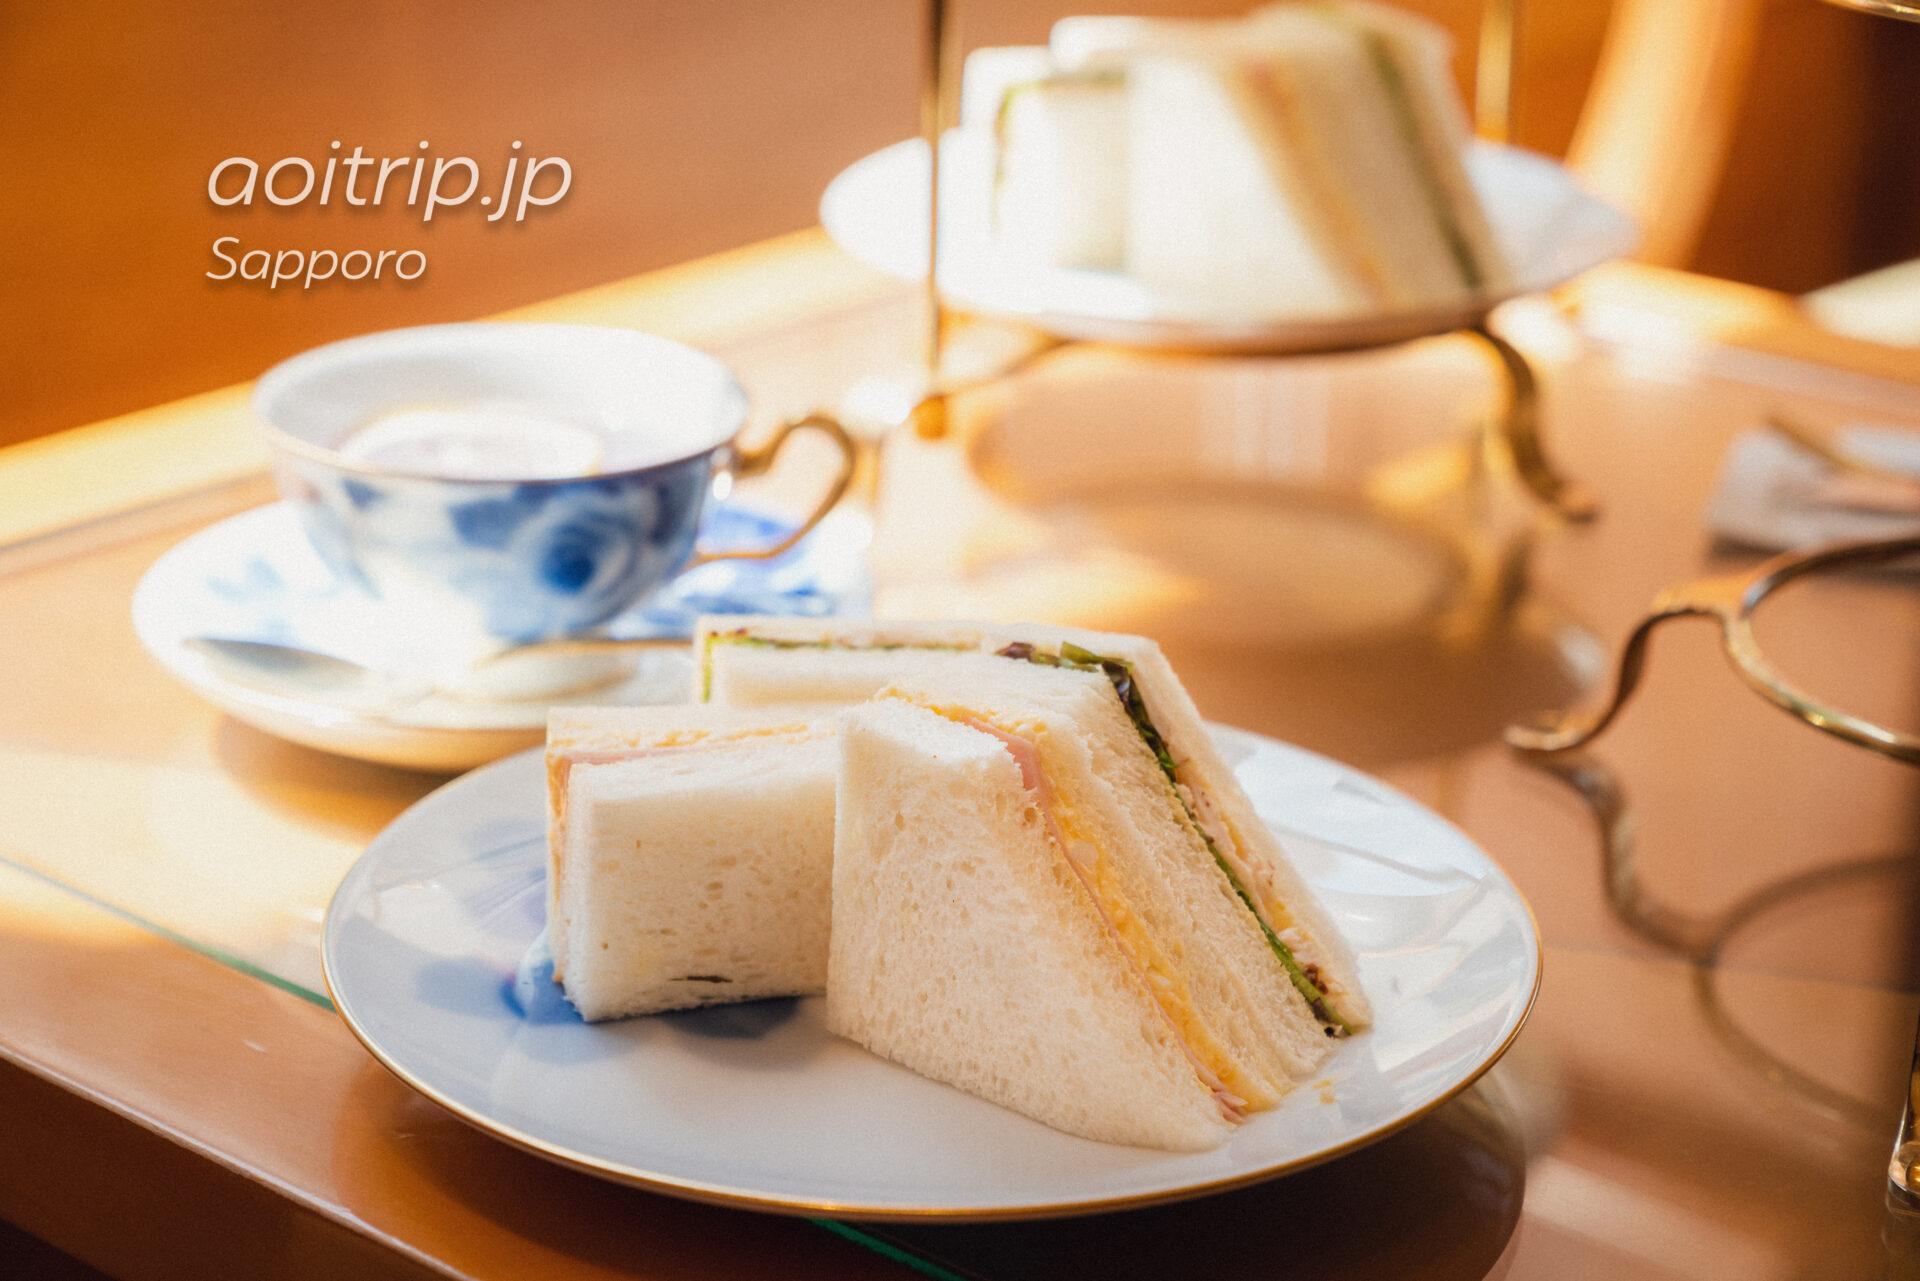 札幌グランドホテルのアフタヌーンティー サンドイッチ